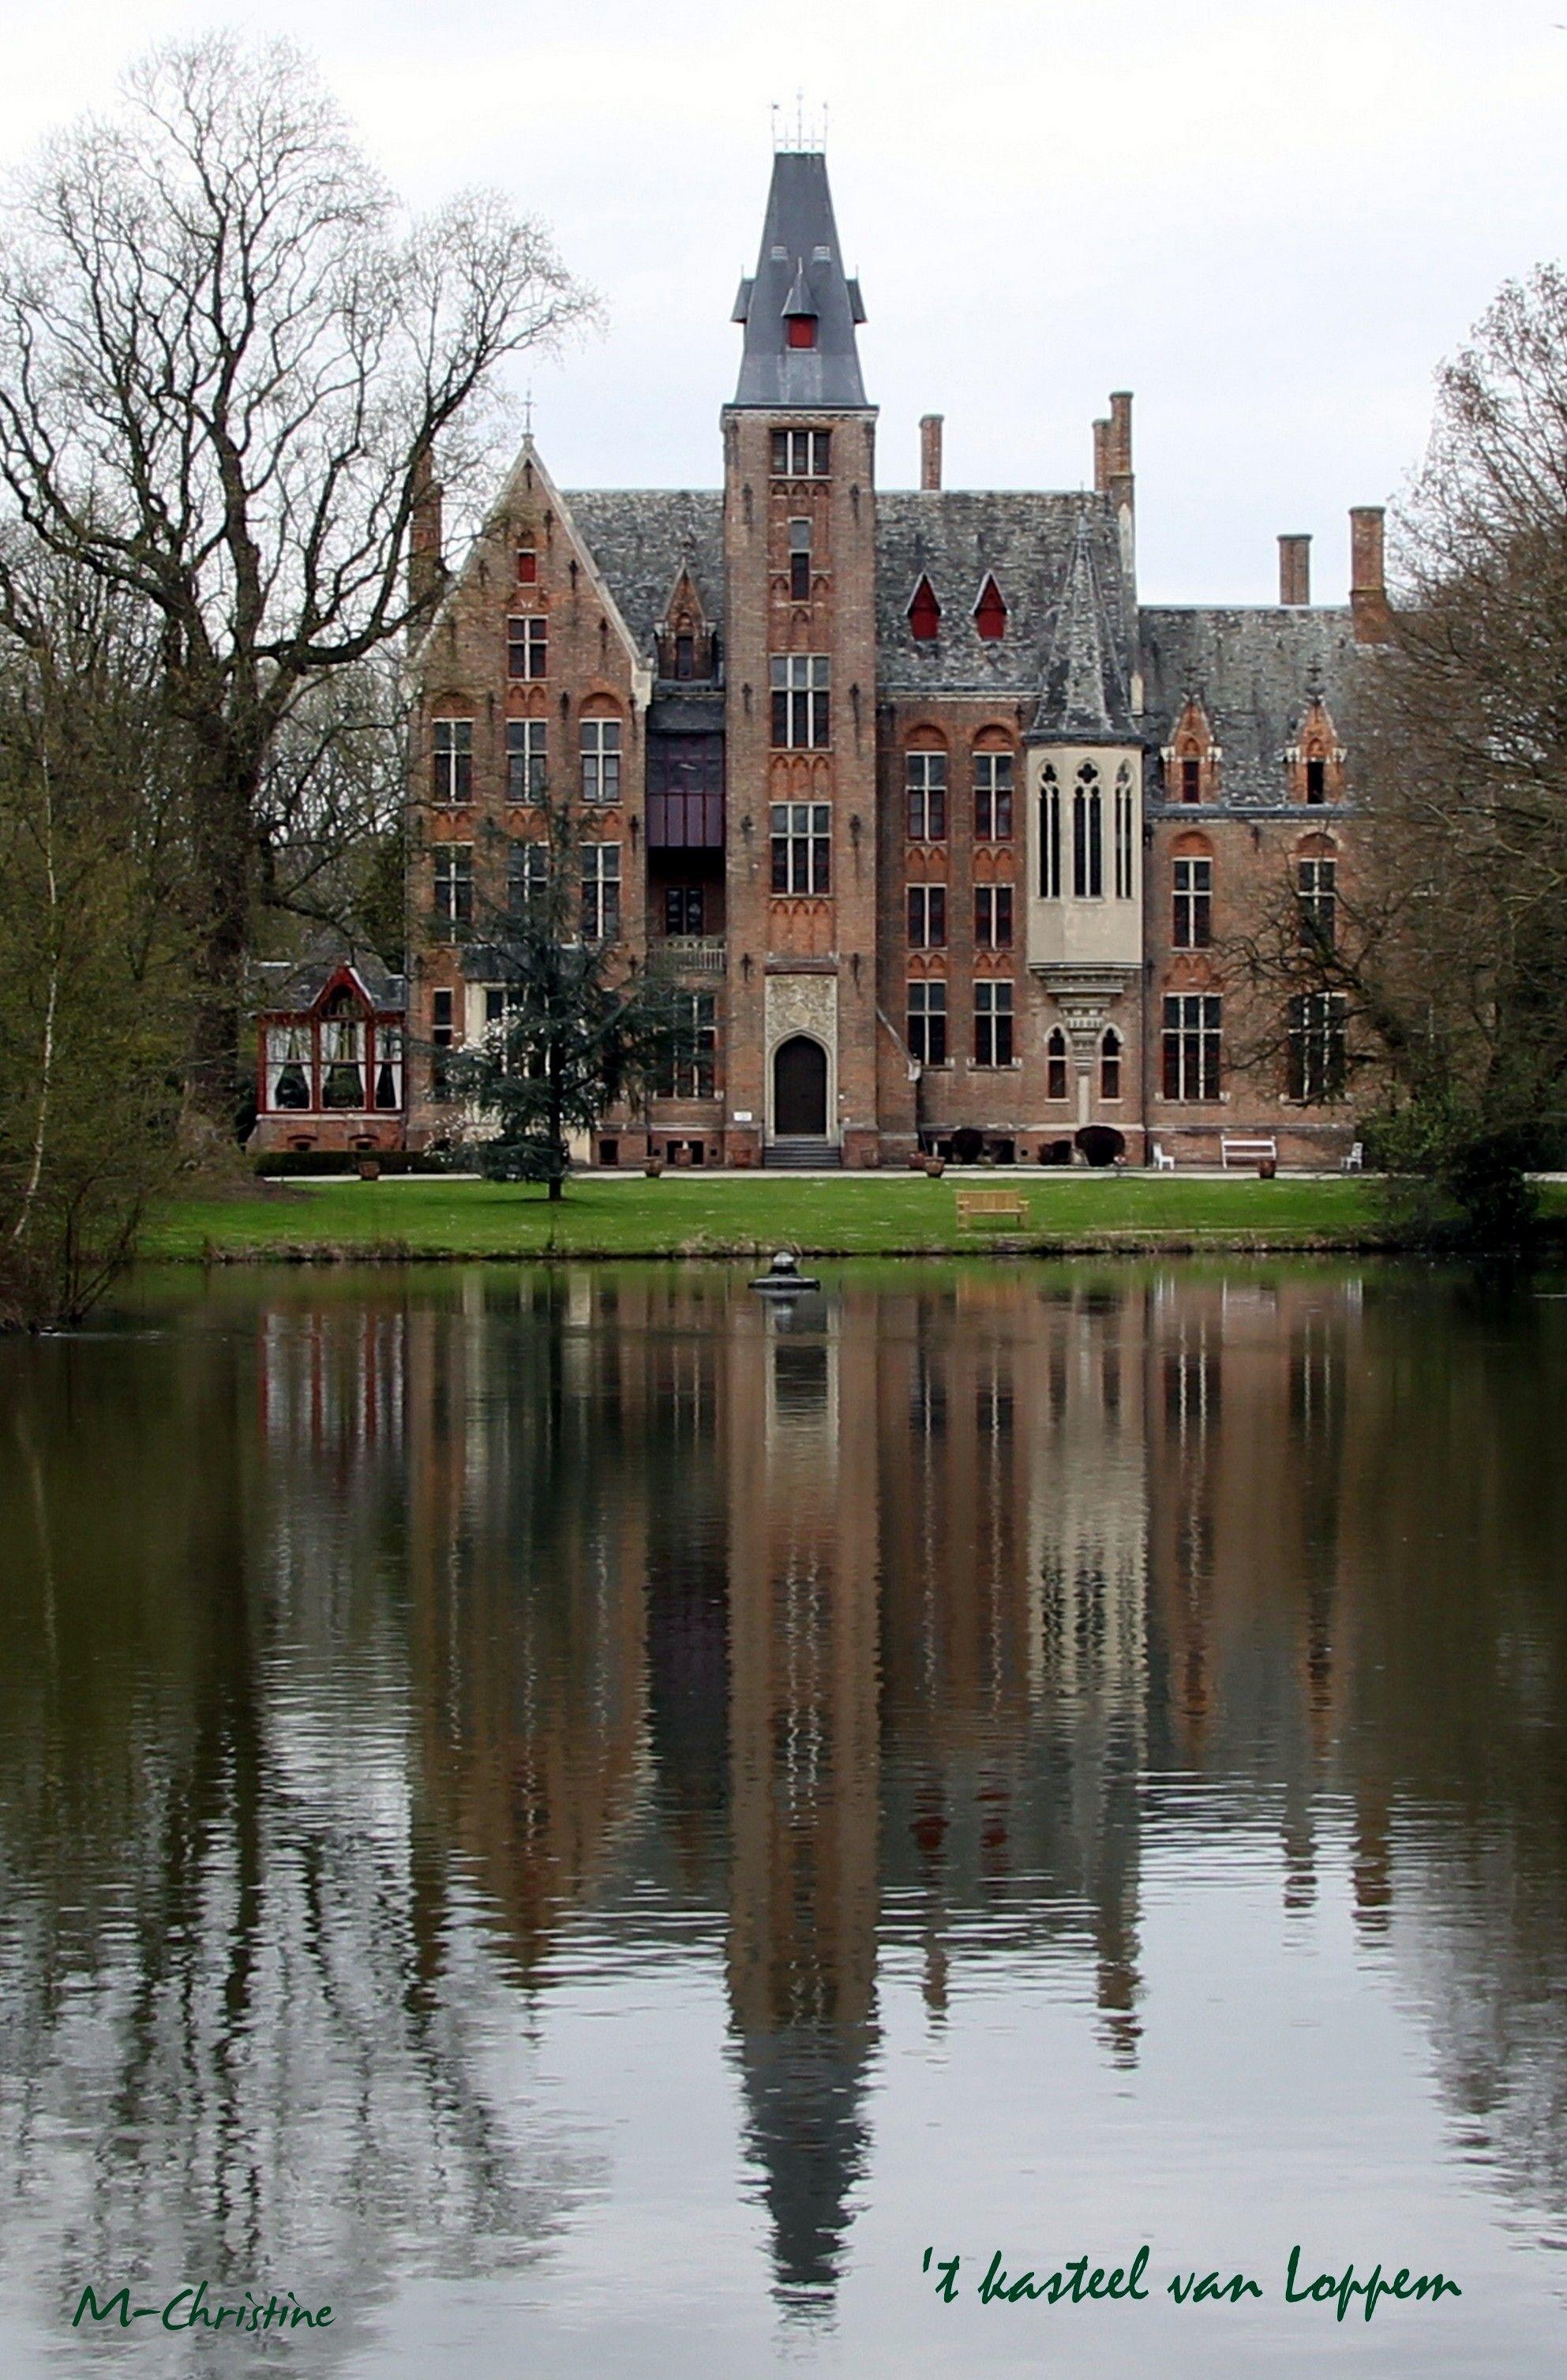 Château de Loppem, Belgique. Le château est édifié en 1856, à la demande du Baron Charles van Caloen, à l'emplacement d'une demeure néoclassique, bâtie en 1778, sur les plans de l'architecte anglais Edward Walby Pugin, dans un style néogothique flamand. L'ensemble de la décoration de style néo-médiéval est intégralement conservé. En 1918, le château est le quartier général de l'armée belge et le siège du gouvernement de Lophem. Le parc est aménagé en 1851 par le paysagiste Jean Gindra.